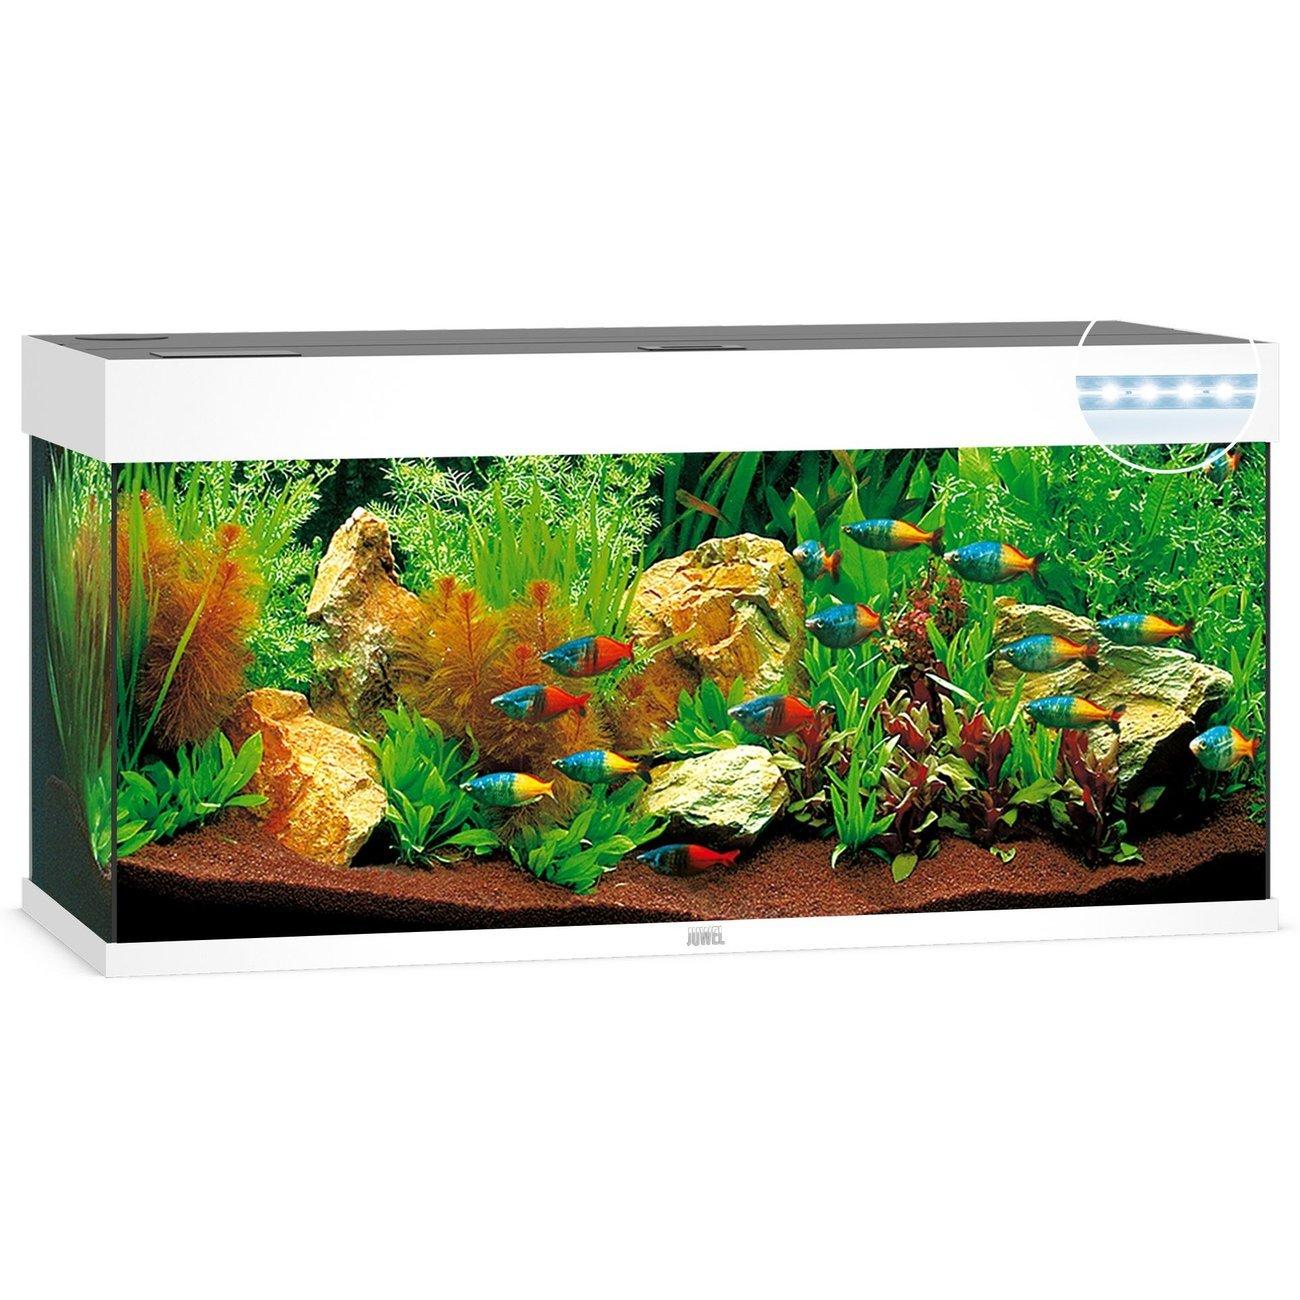 Juwel Rio 240 LED Aquarium, Bild 4